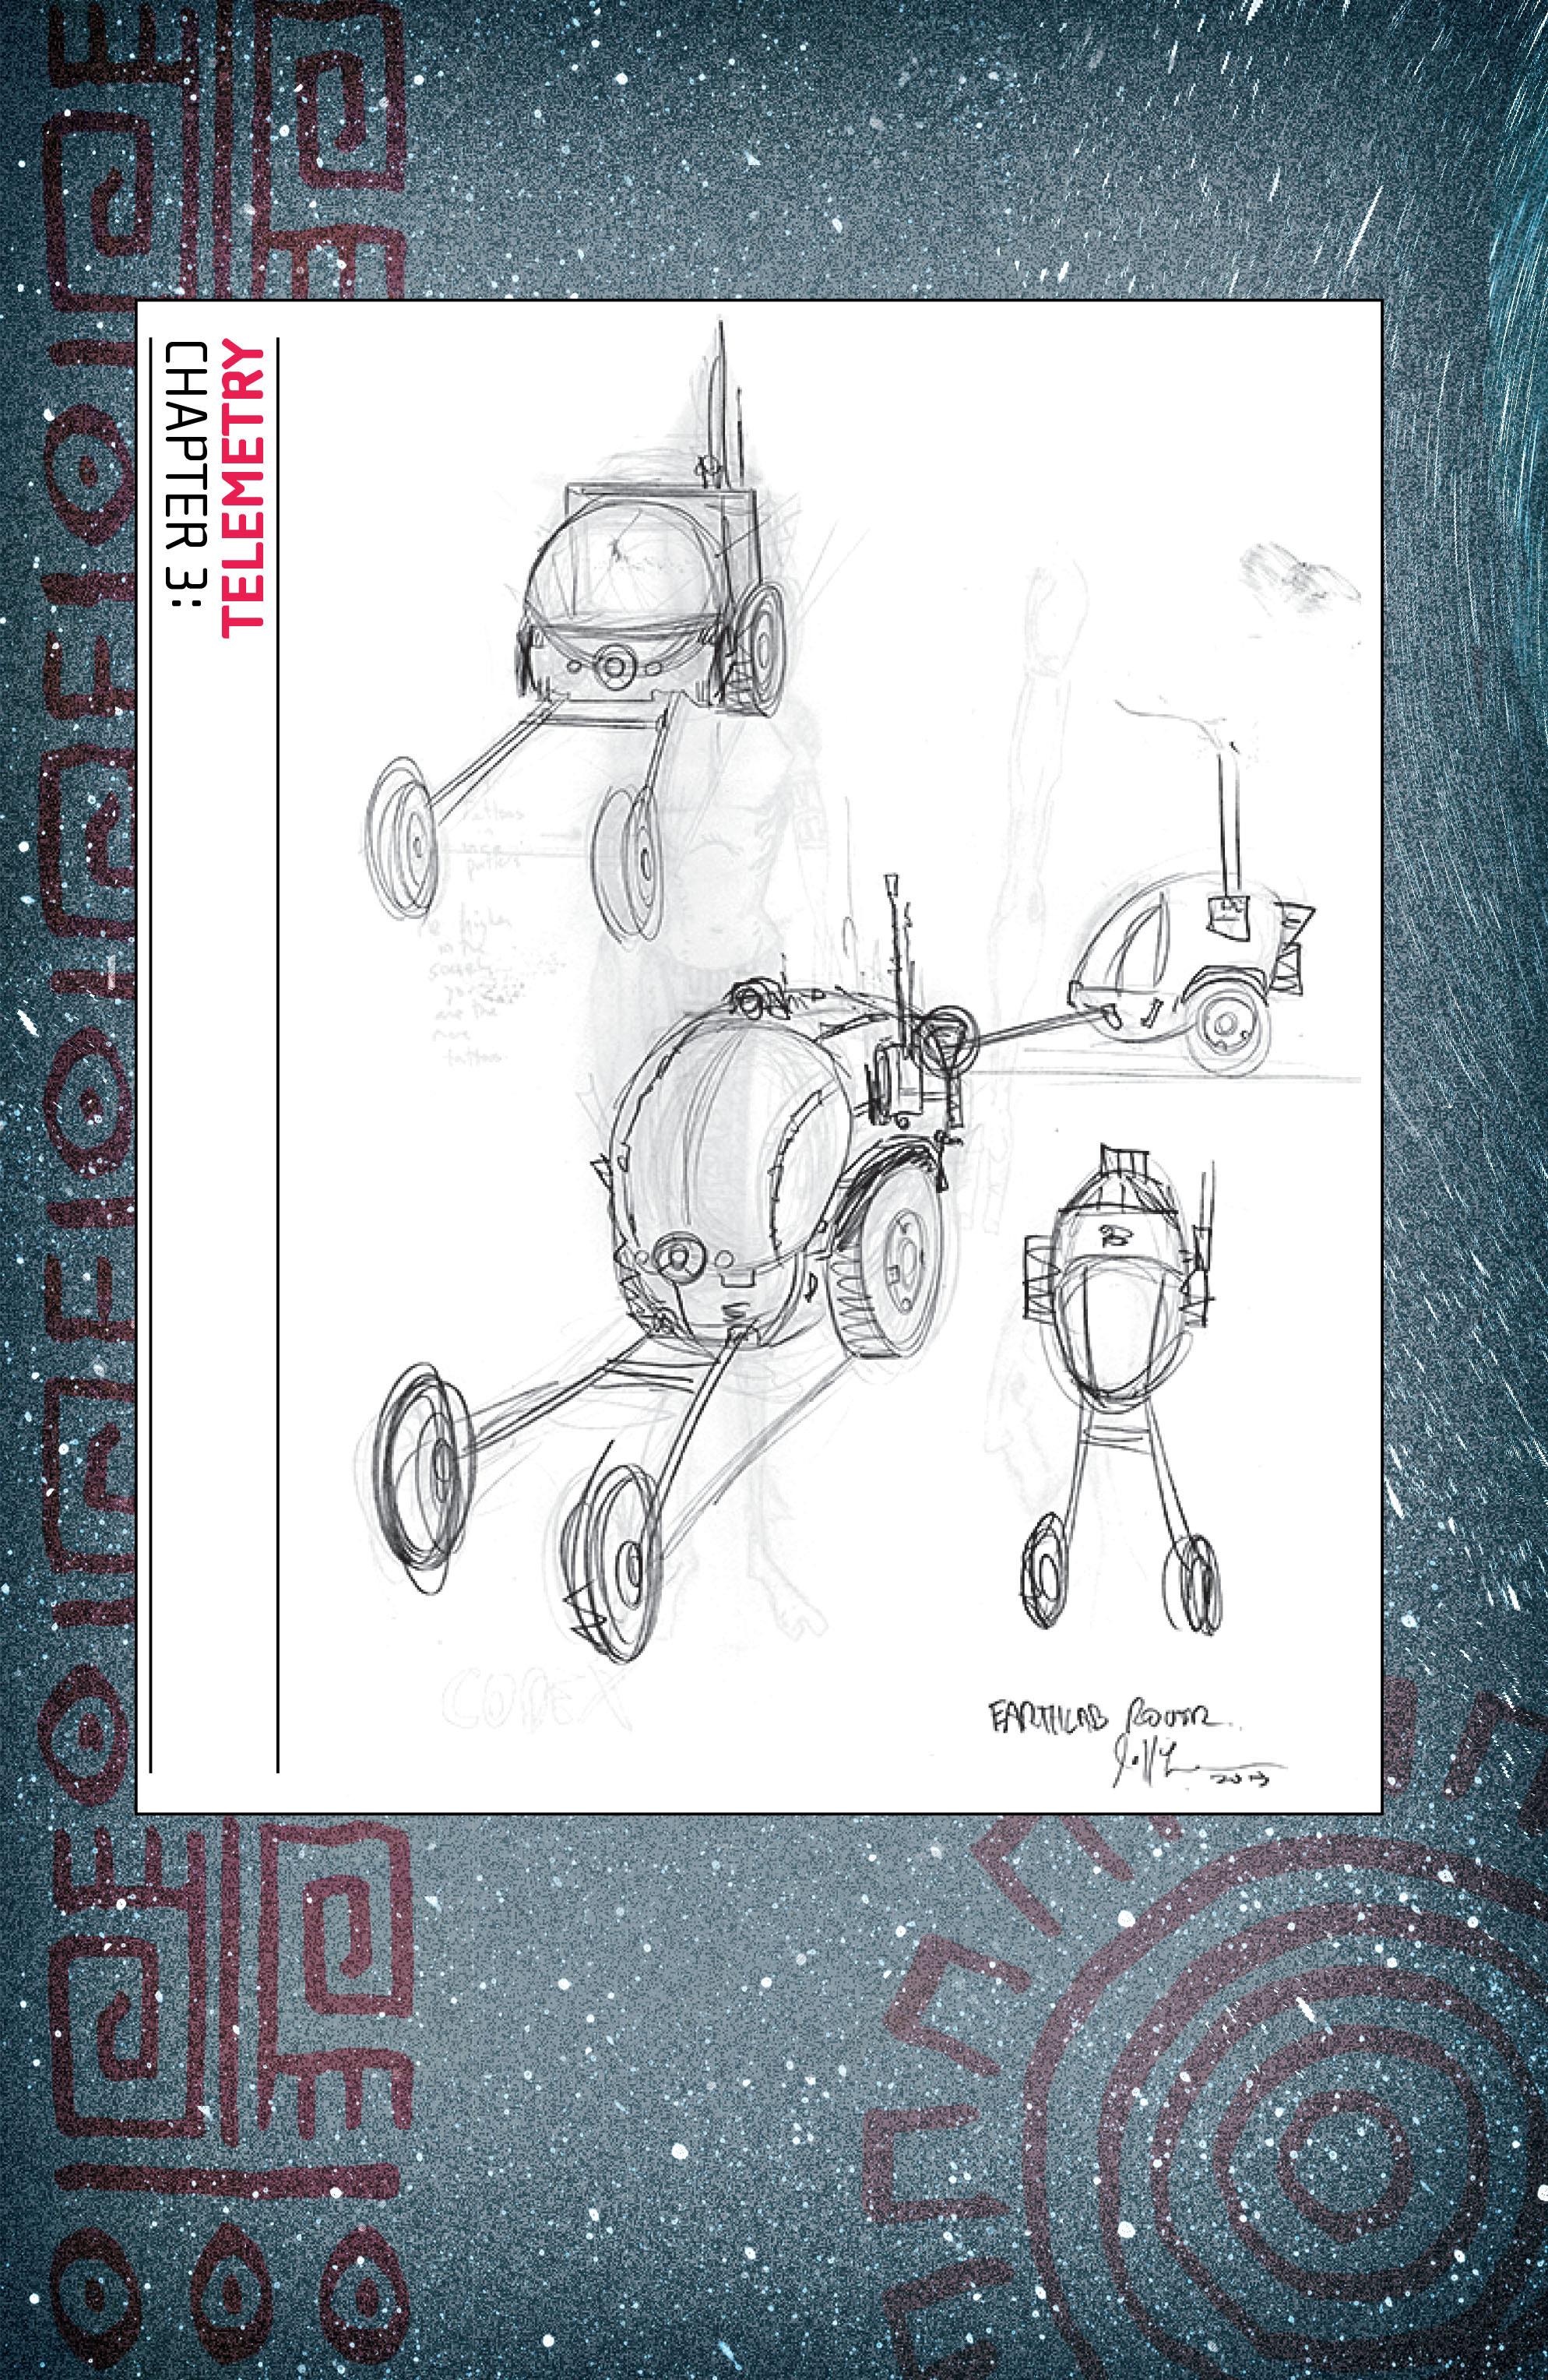 Read online Trillium comic -  Issue # TPB - 56